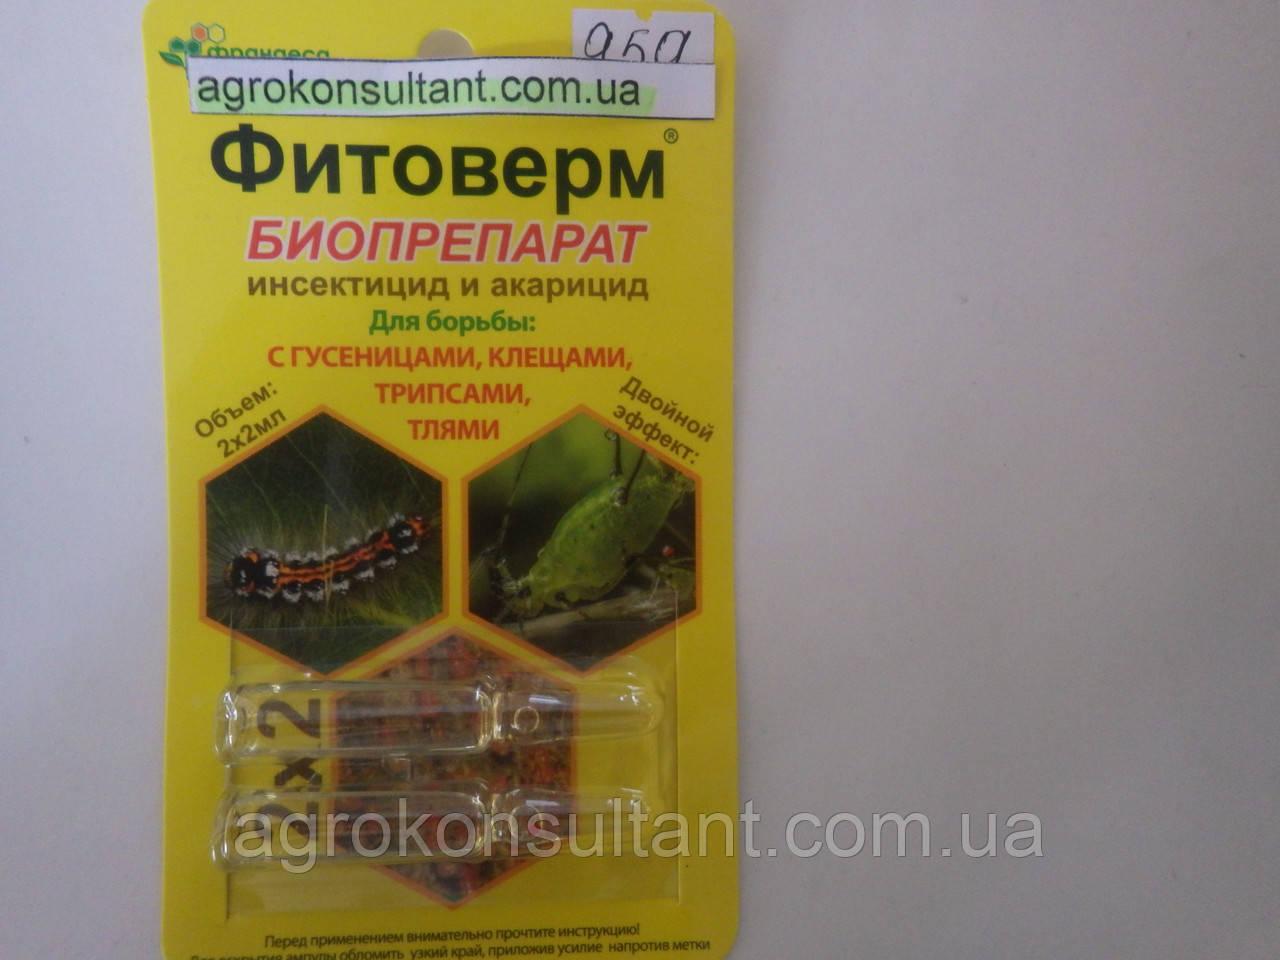 Биоинсектицид Фітоверм від шкідників: кліщів, попелиці, трипси, 4 мл, акарицид, біологічний препарат